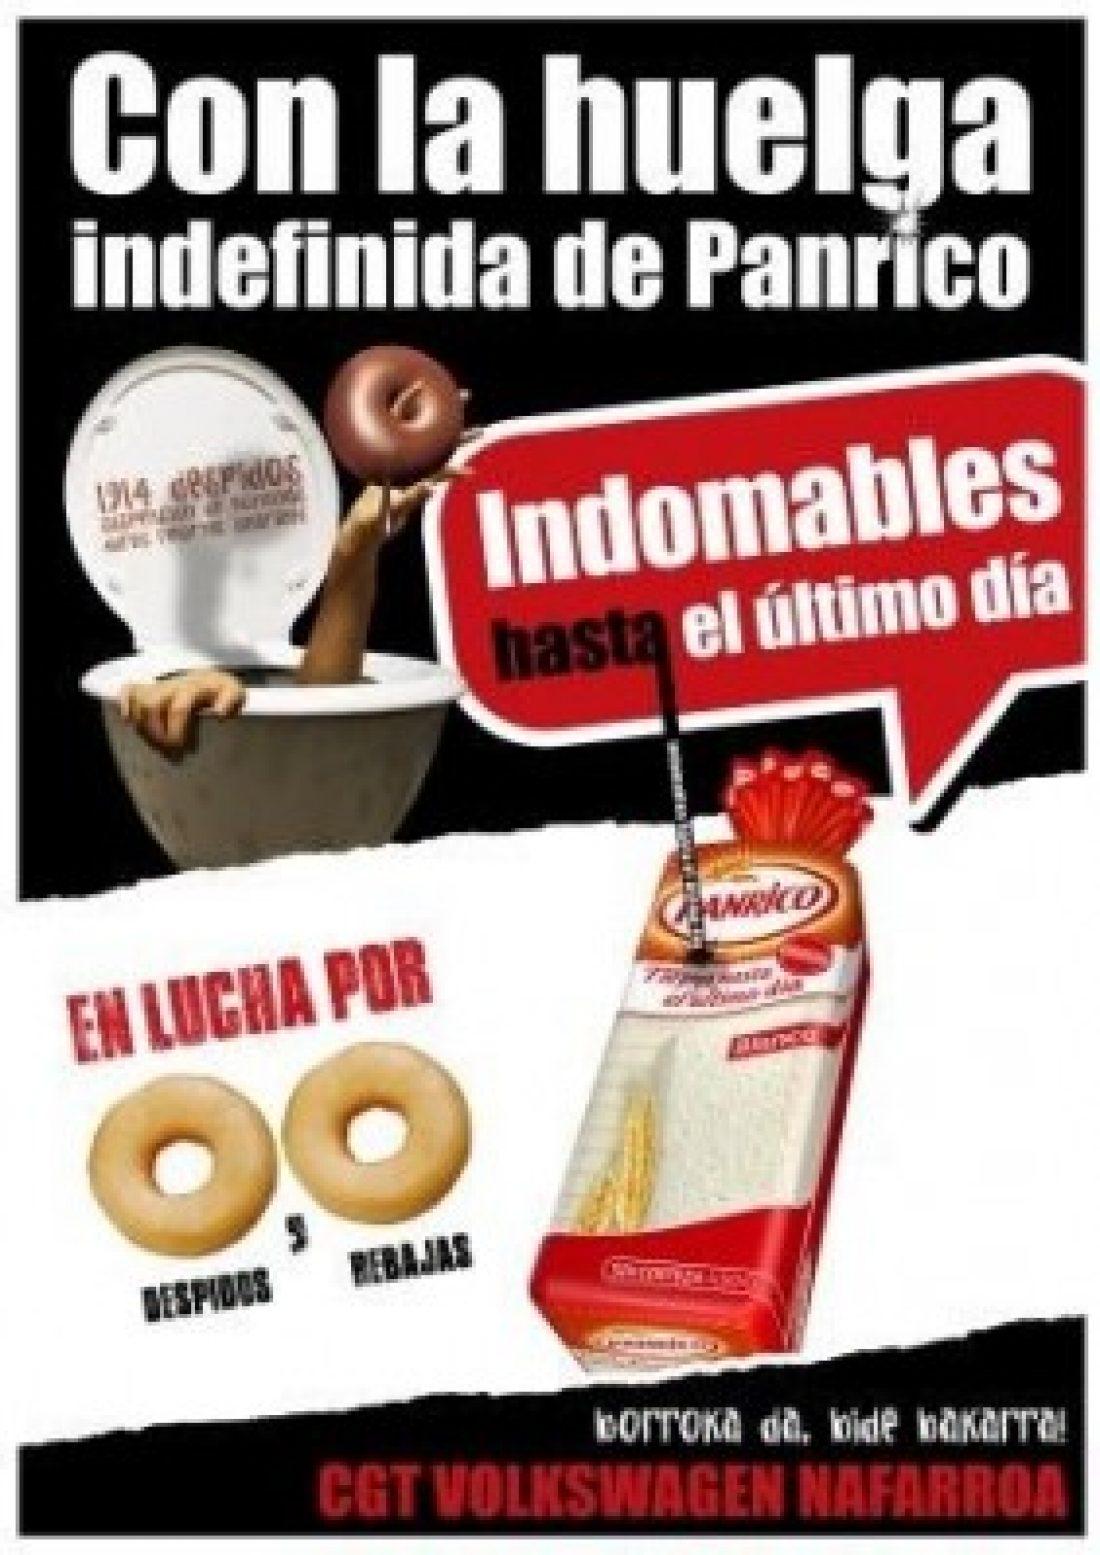 Acto con los trabajadores de Panrico Jueves 27 de Febrero y concierto solidario Sábado 1 Marzo.